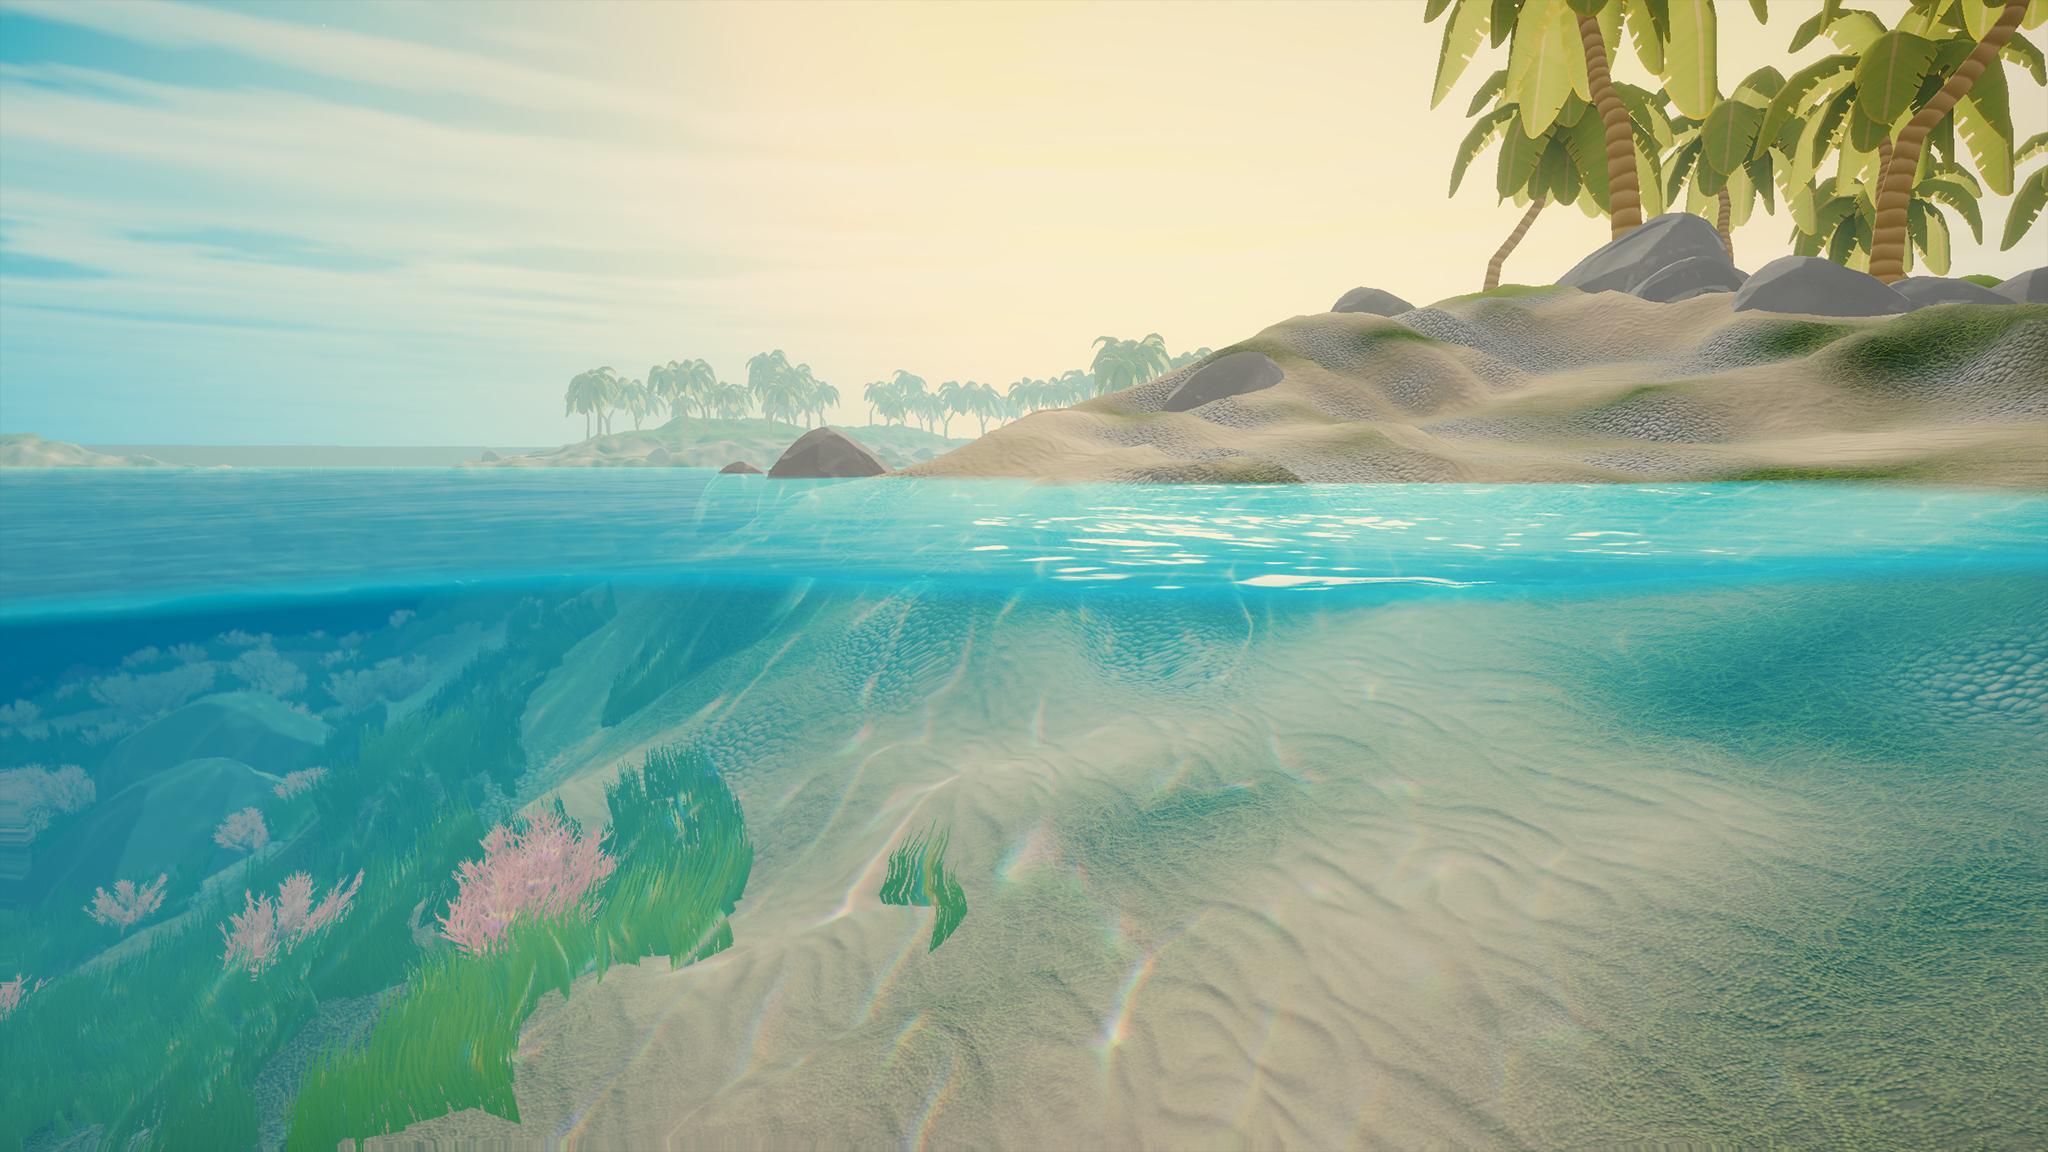 SWS2_Underwater_Screenshot_2048x11522.png